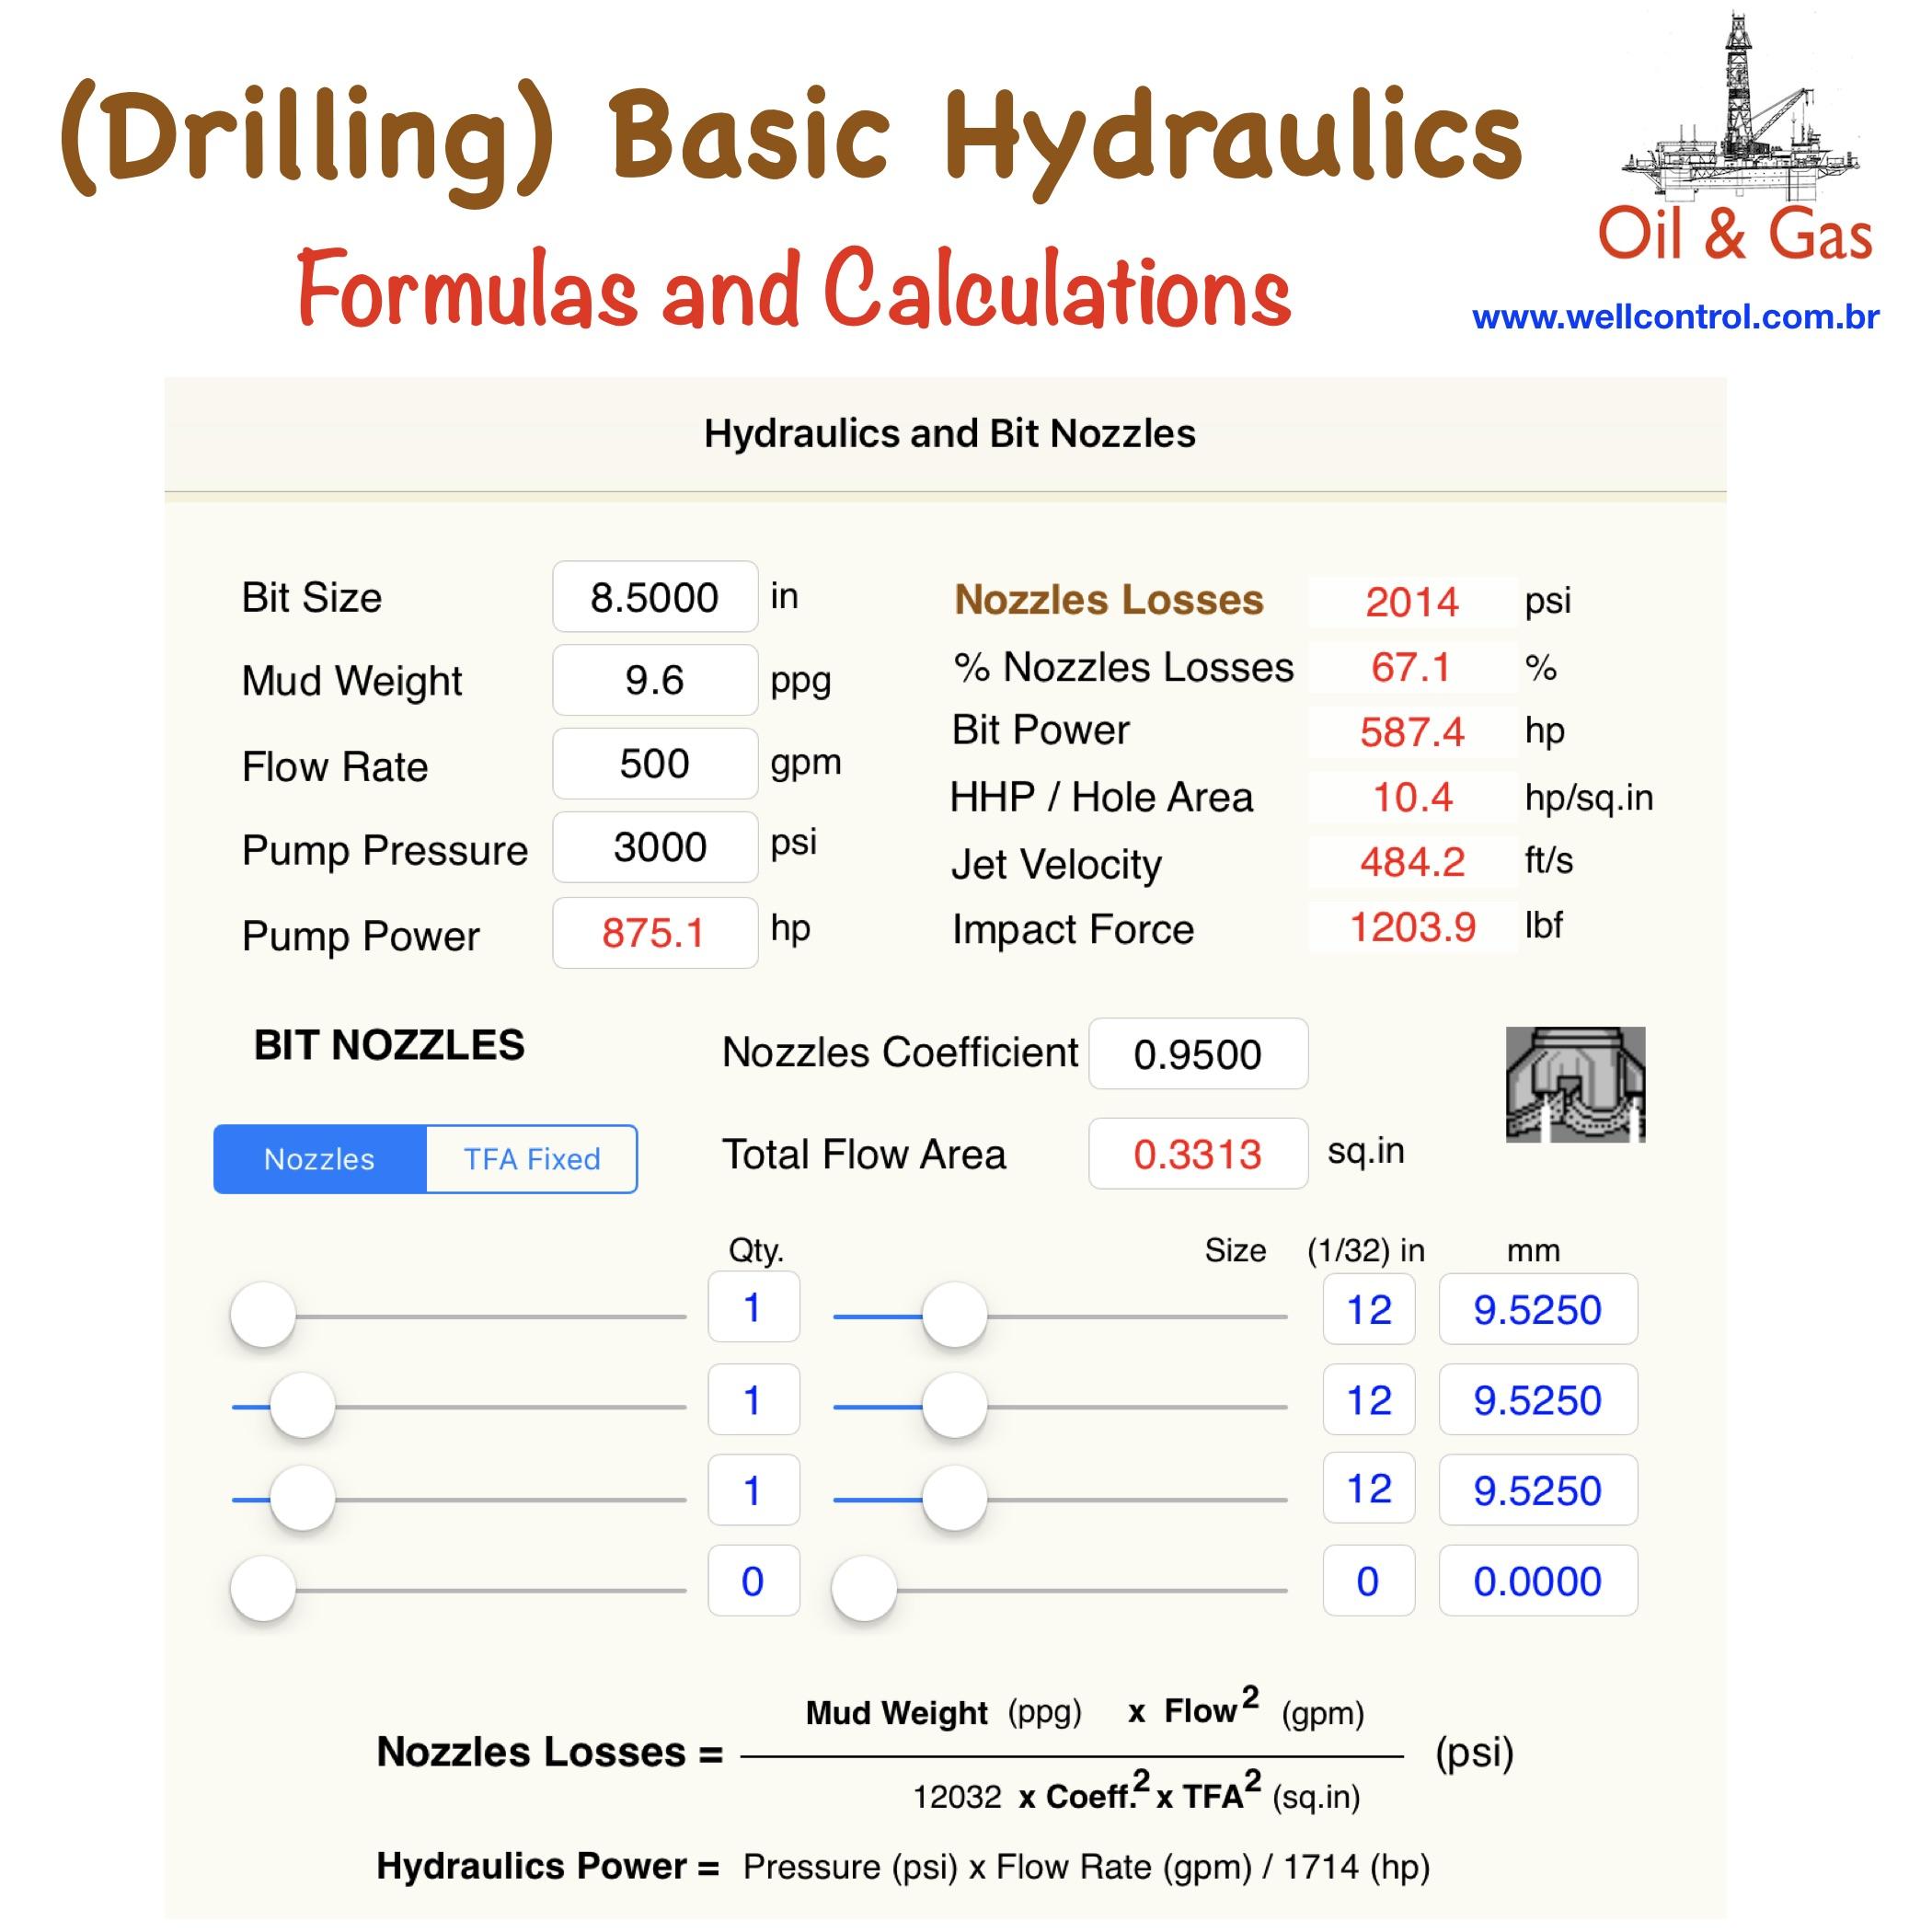 hydraulics_21_06